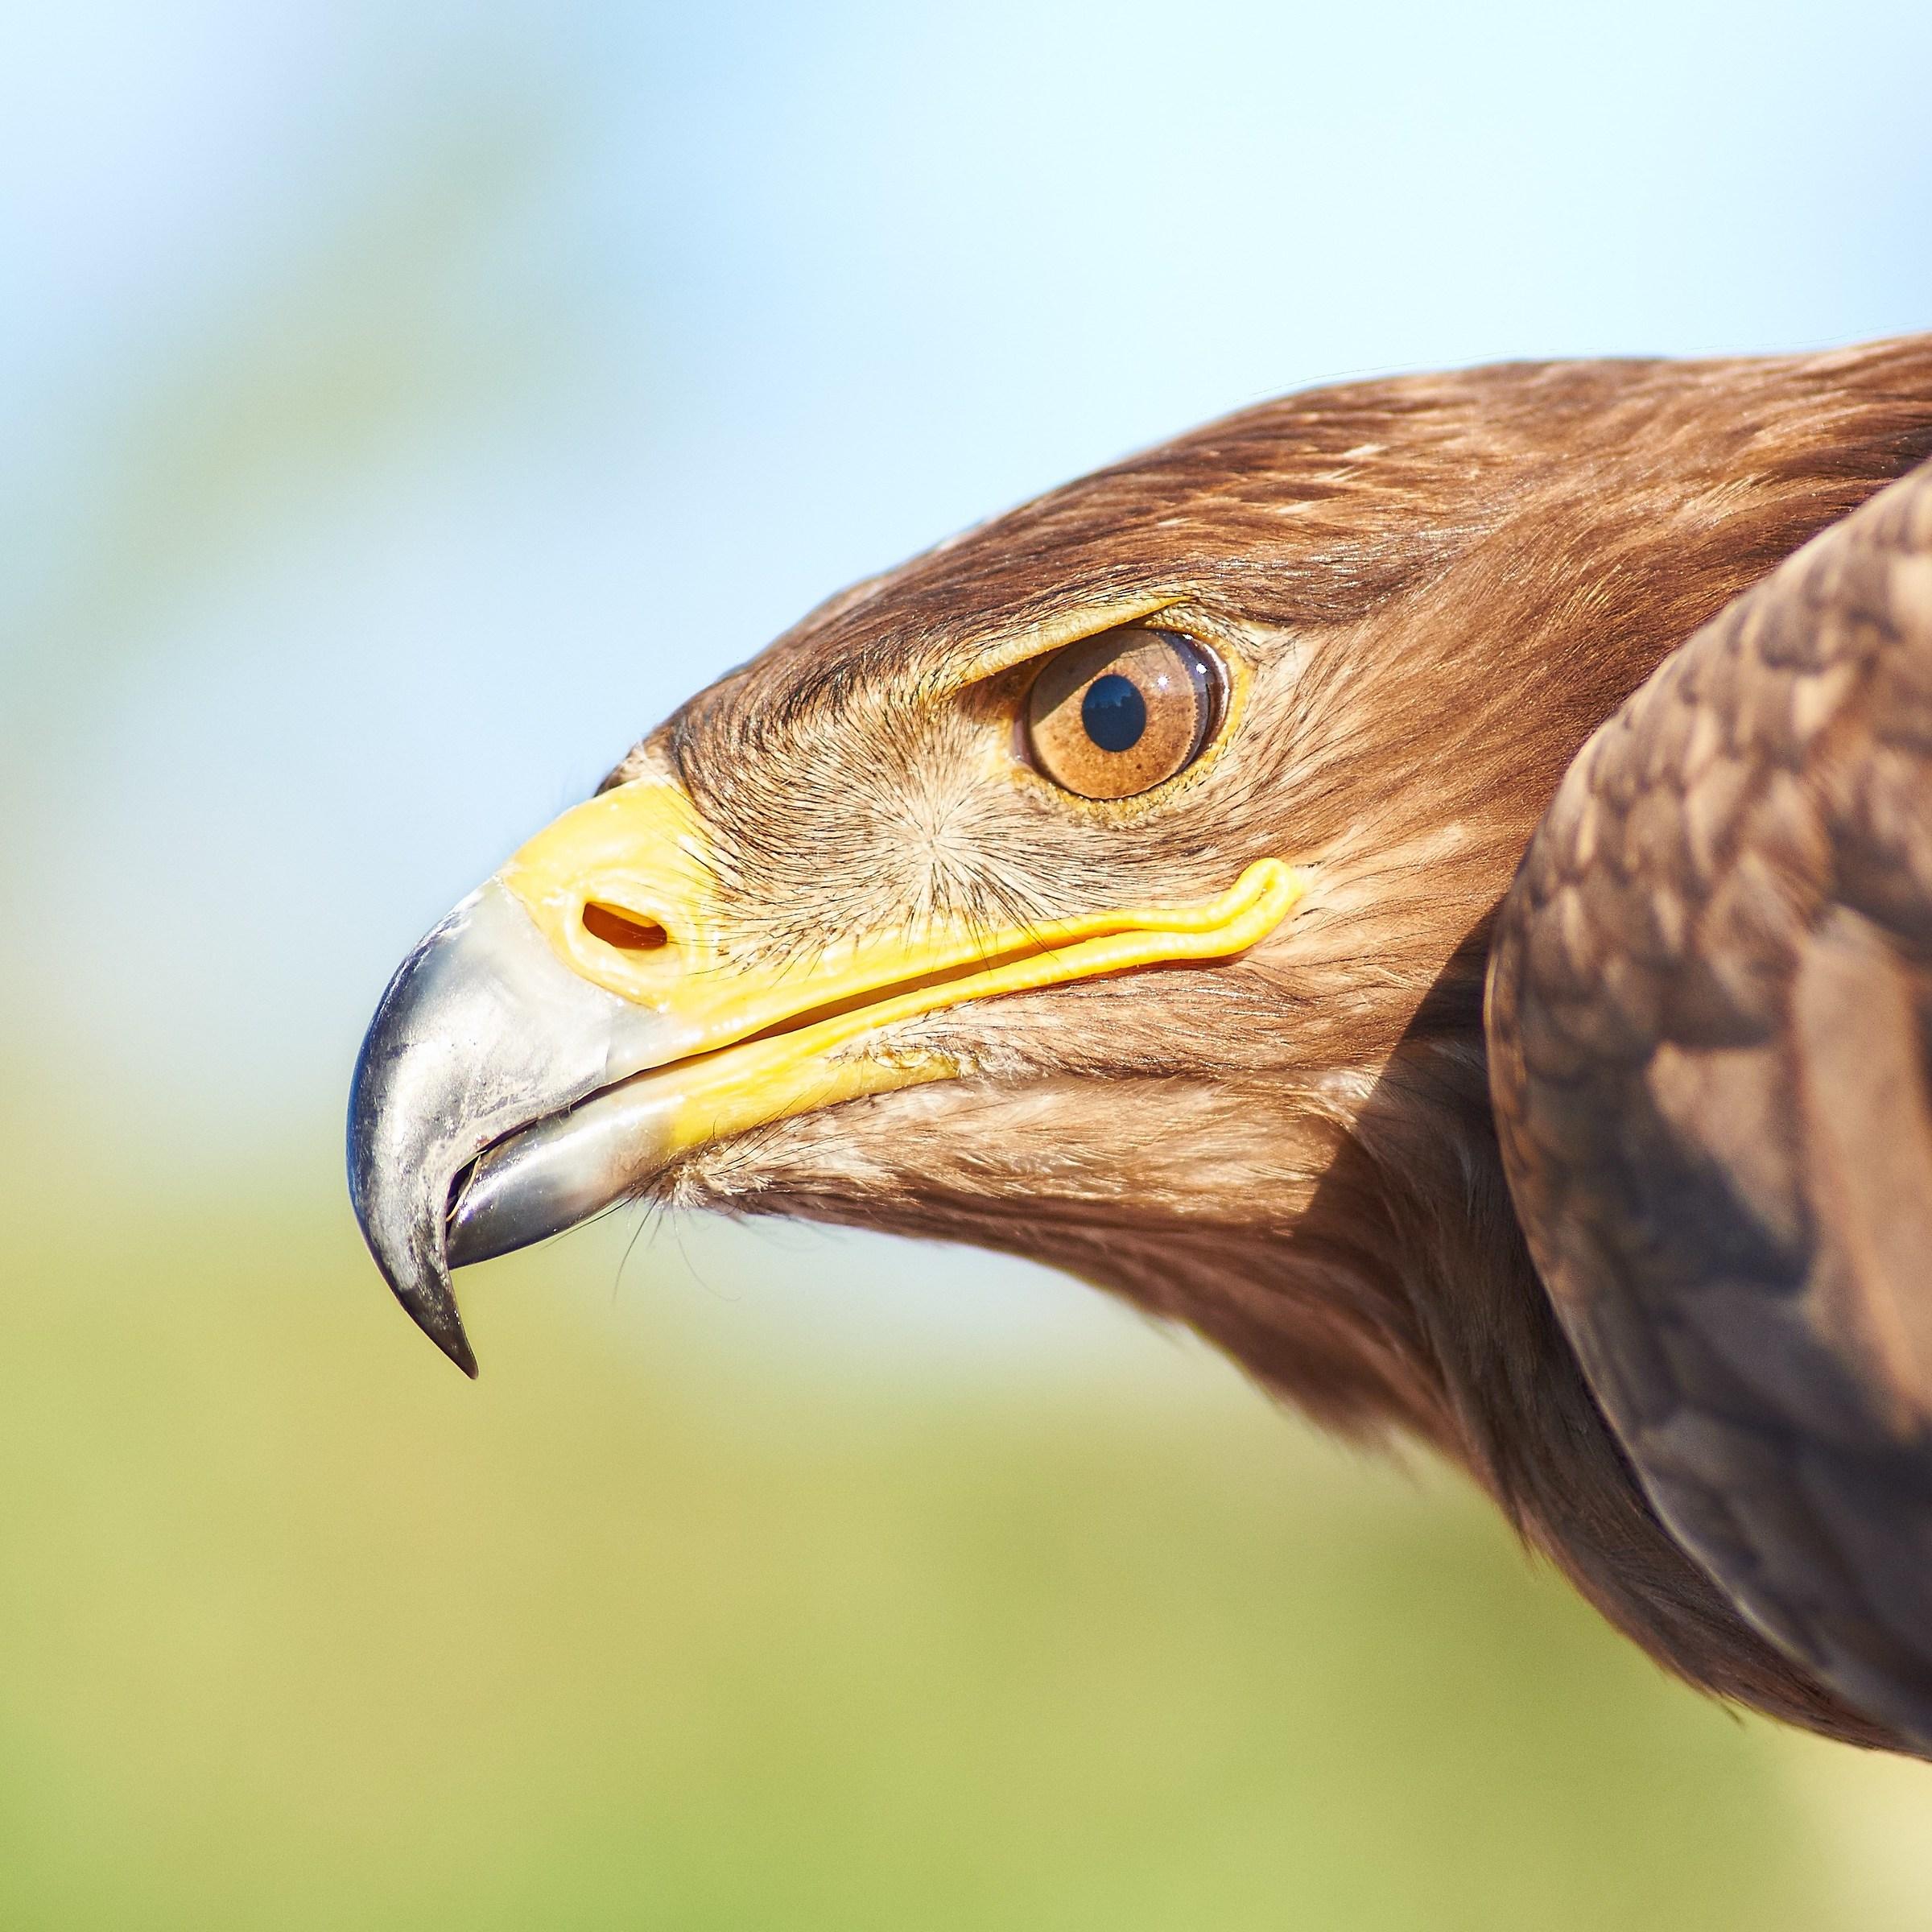 The eagle eye...